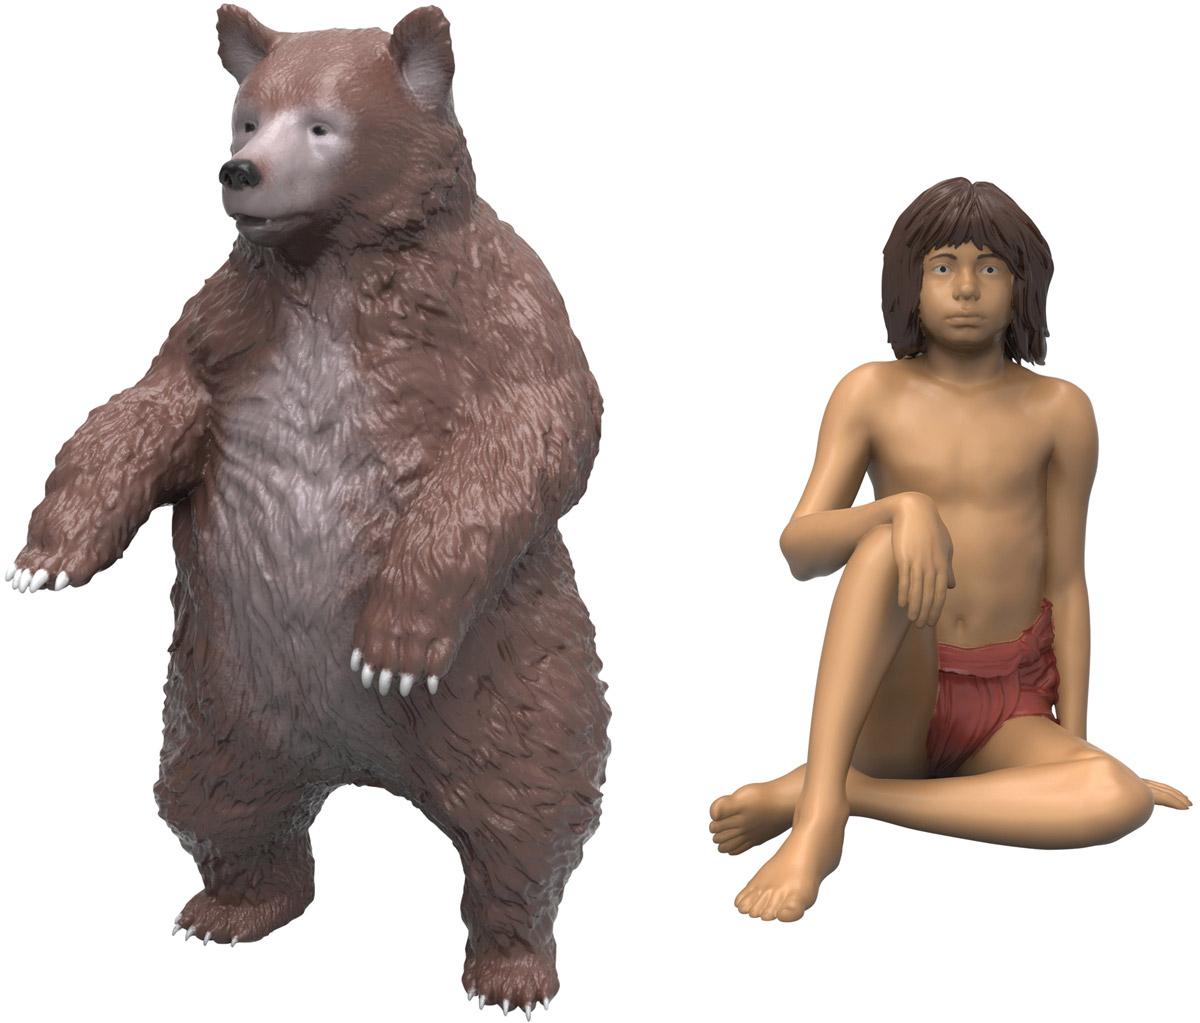 Jungle Book Набор фигурок Балу и Маугли23255_Балу и МауглиНабор фигурок Jungle Book Балу и Маугли выполнен по мотивам одноименного фильма студии Disney. Особенность данного набора заключается в том, что фигурка животного является функциональной и может совершать определенные движения. Набор включает в себя фигурку умного Балу и веселого мальчика Маугли, медведь способен двигать конечностями, а Маугли может лишь сидеть и наблюдать за своим учителем. Такие фигурки компактного размера позволят ребенку воссоздать любимые сцены из мультфильма или придумать собственные захватывающие истории, что поможет ему развить воображение.